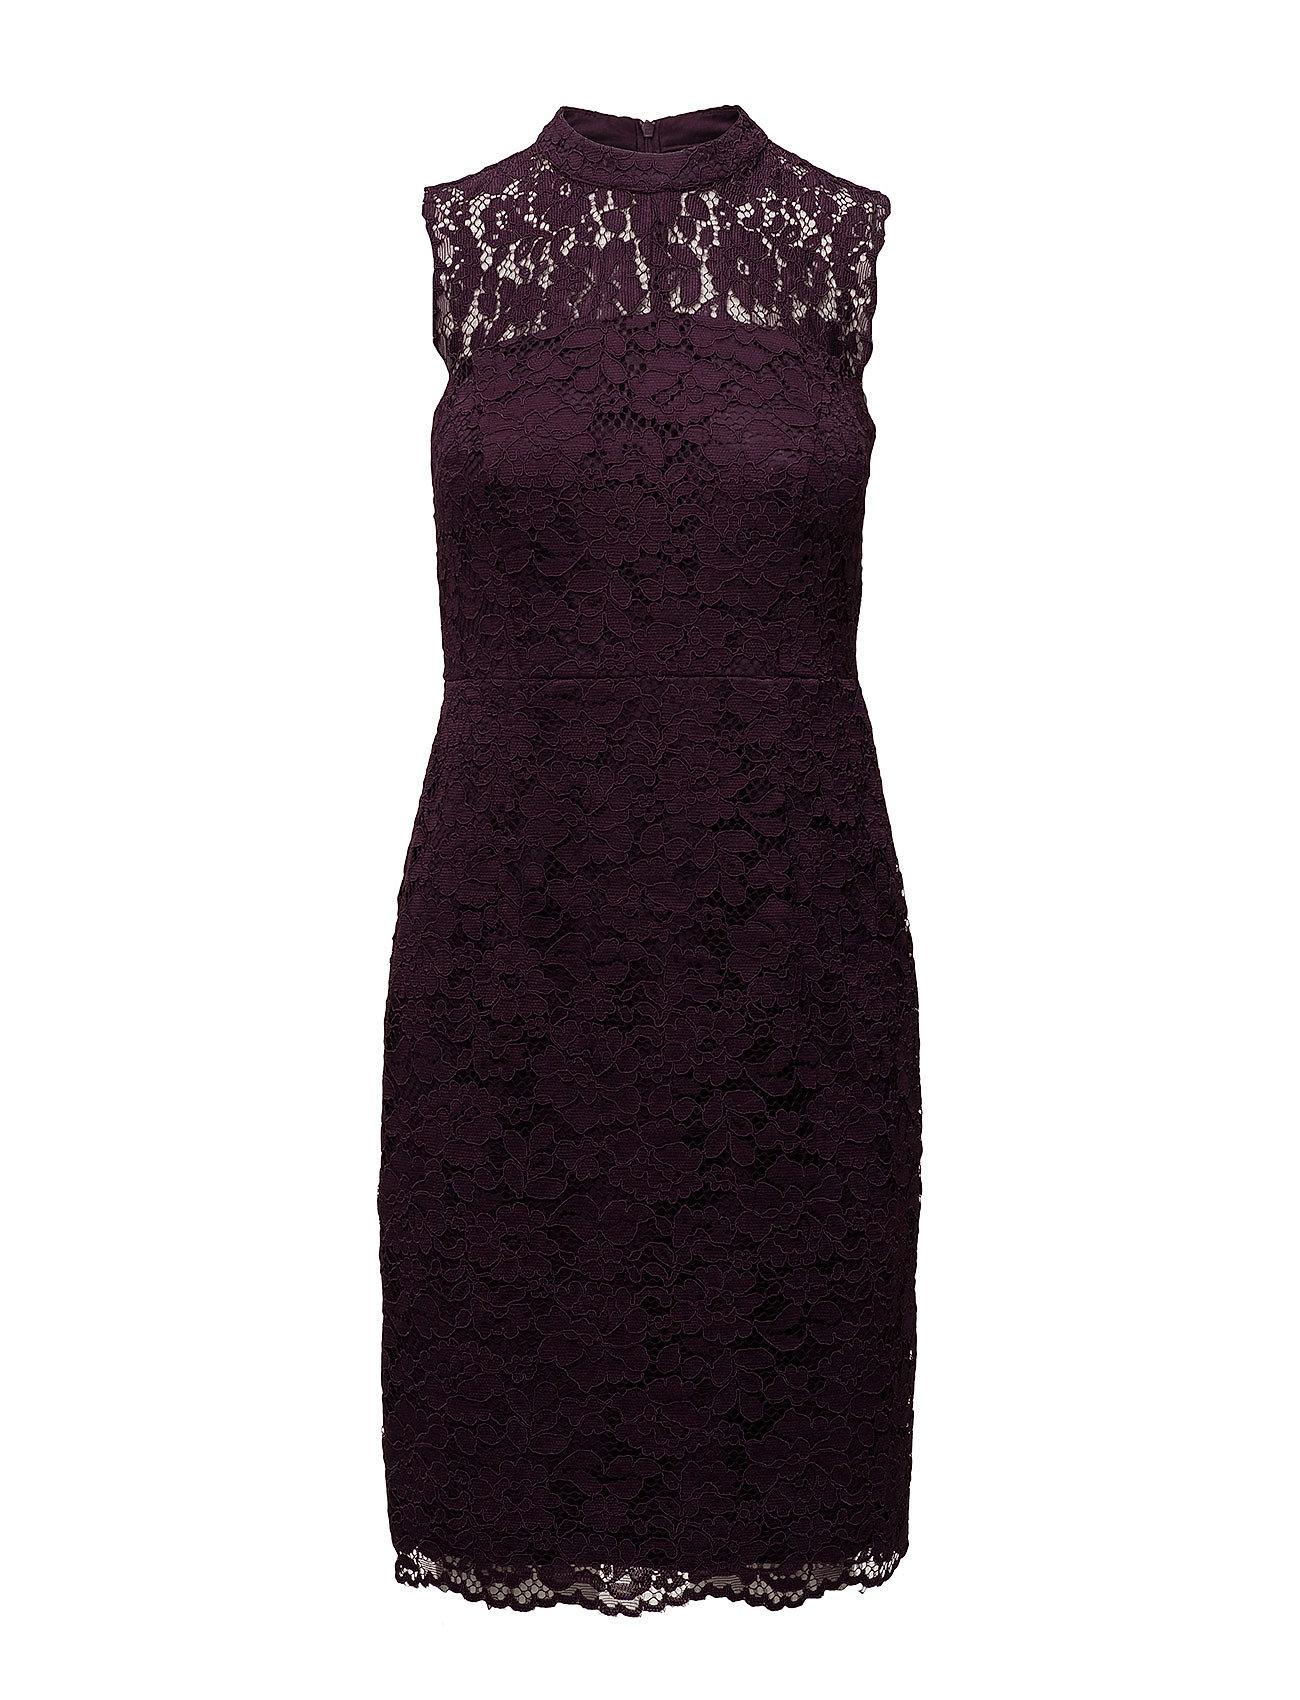 Esprit Collection Dresses Light Woven 321979127